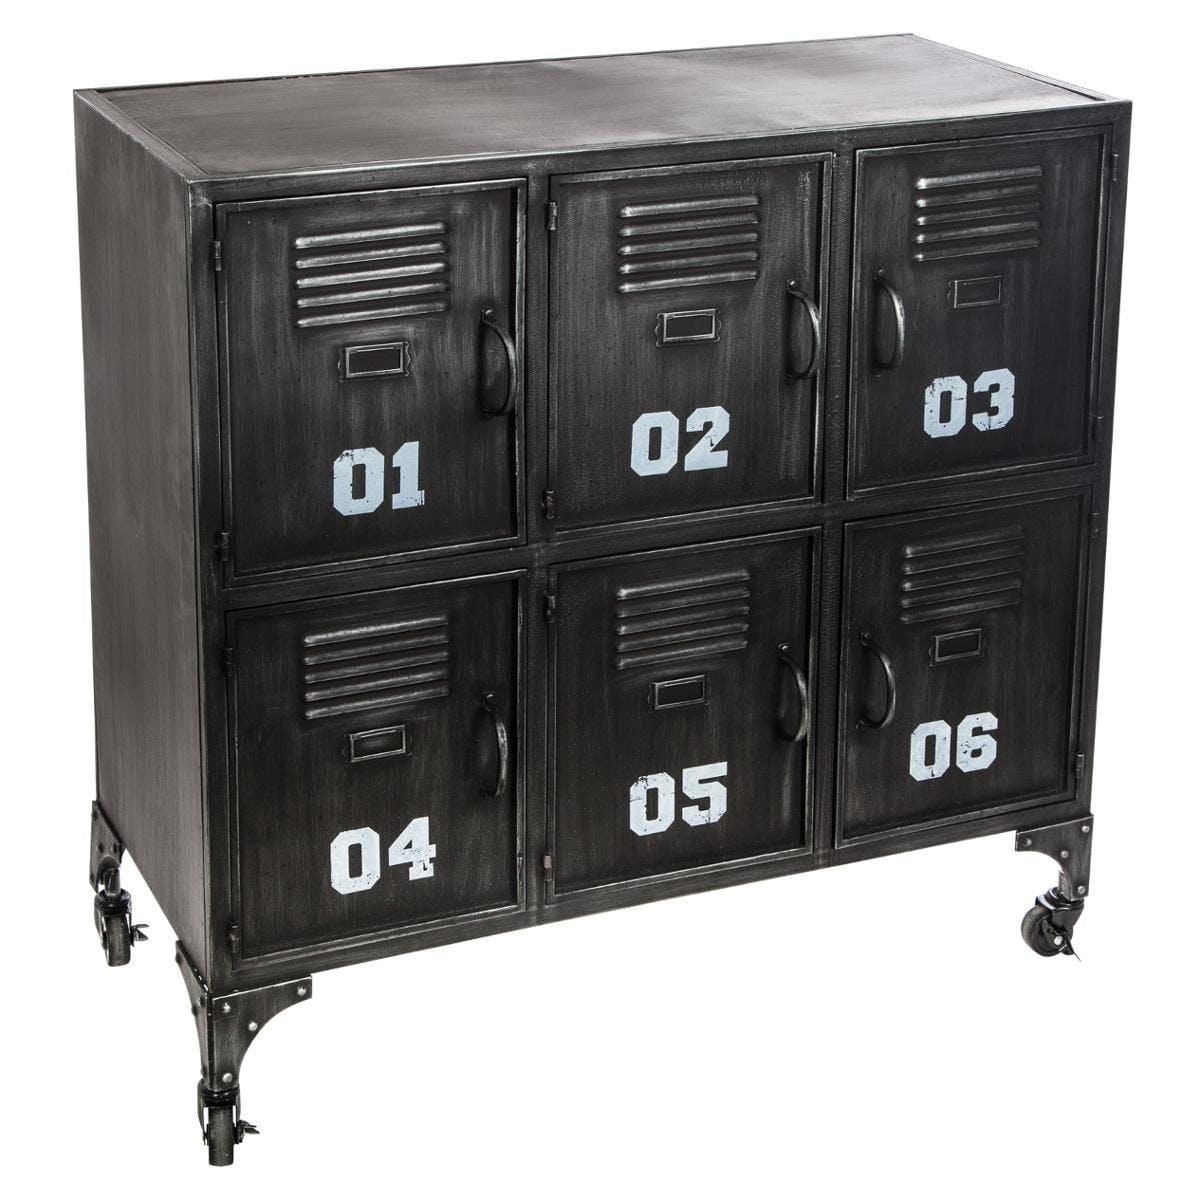 Meuble rangement métal noir 6 portes réf. 3002207